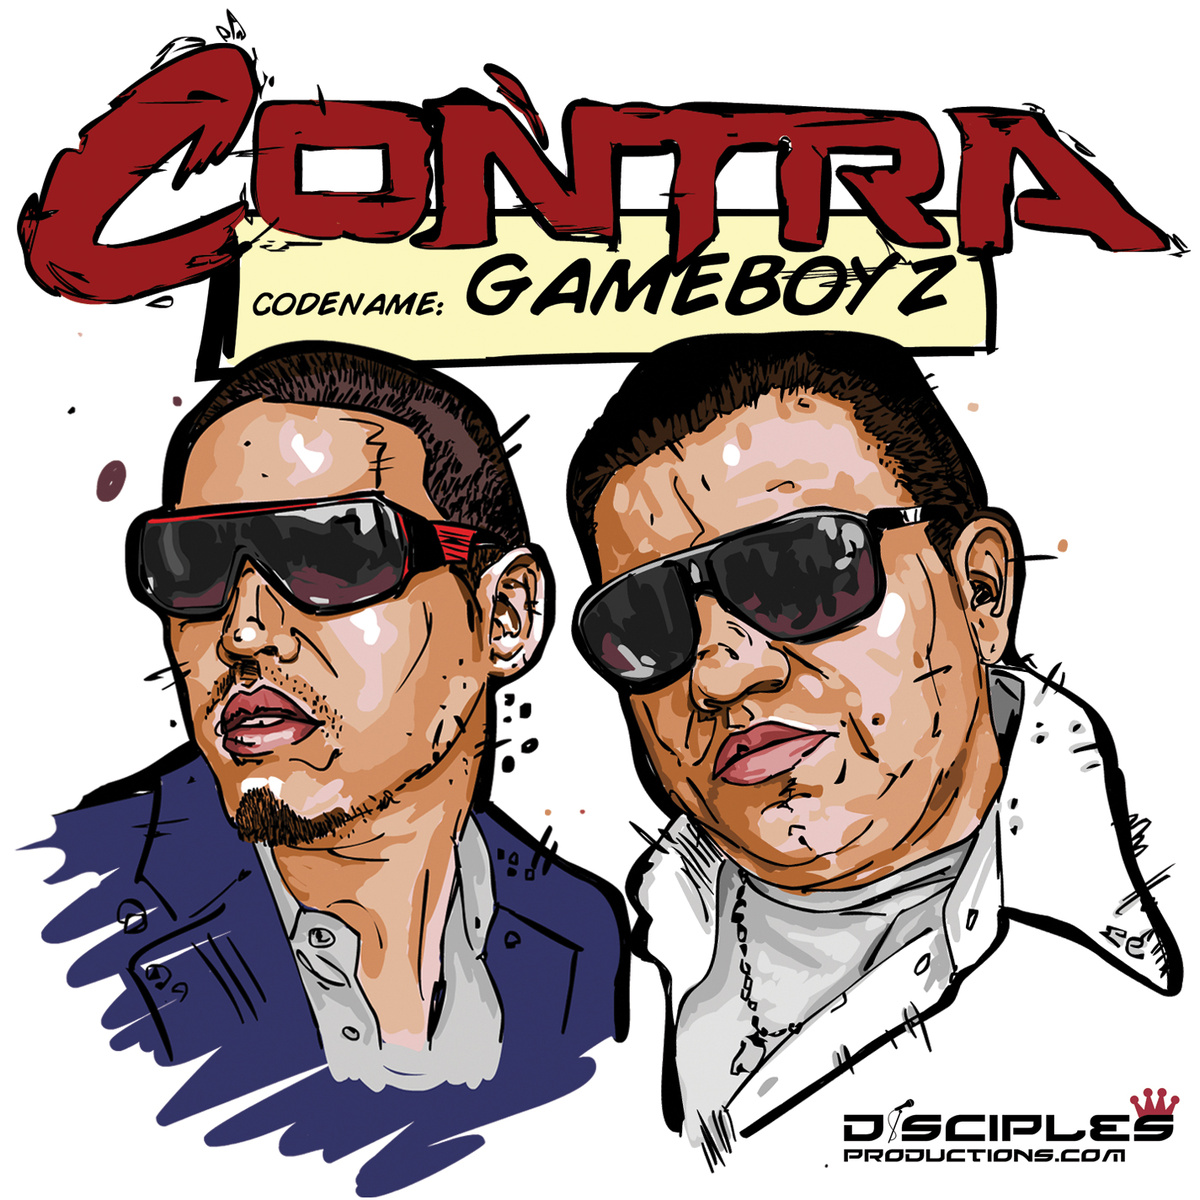 Contras Code Name Gameboyz